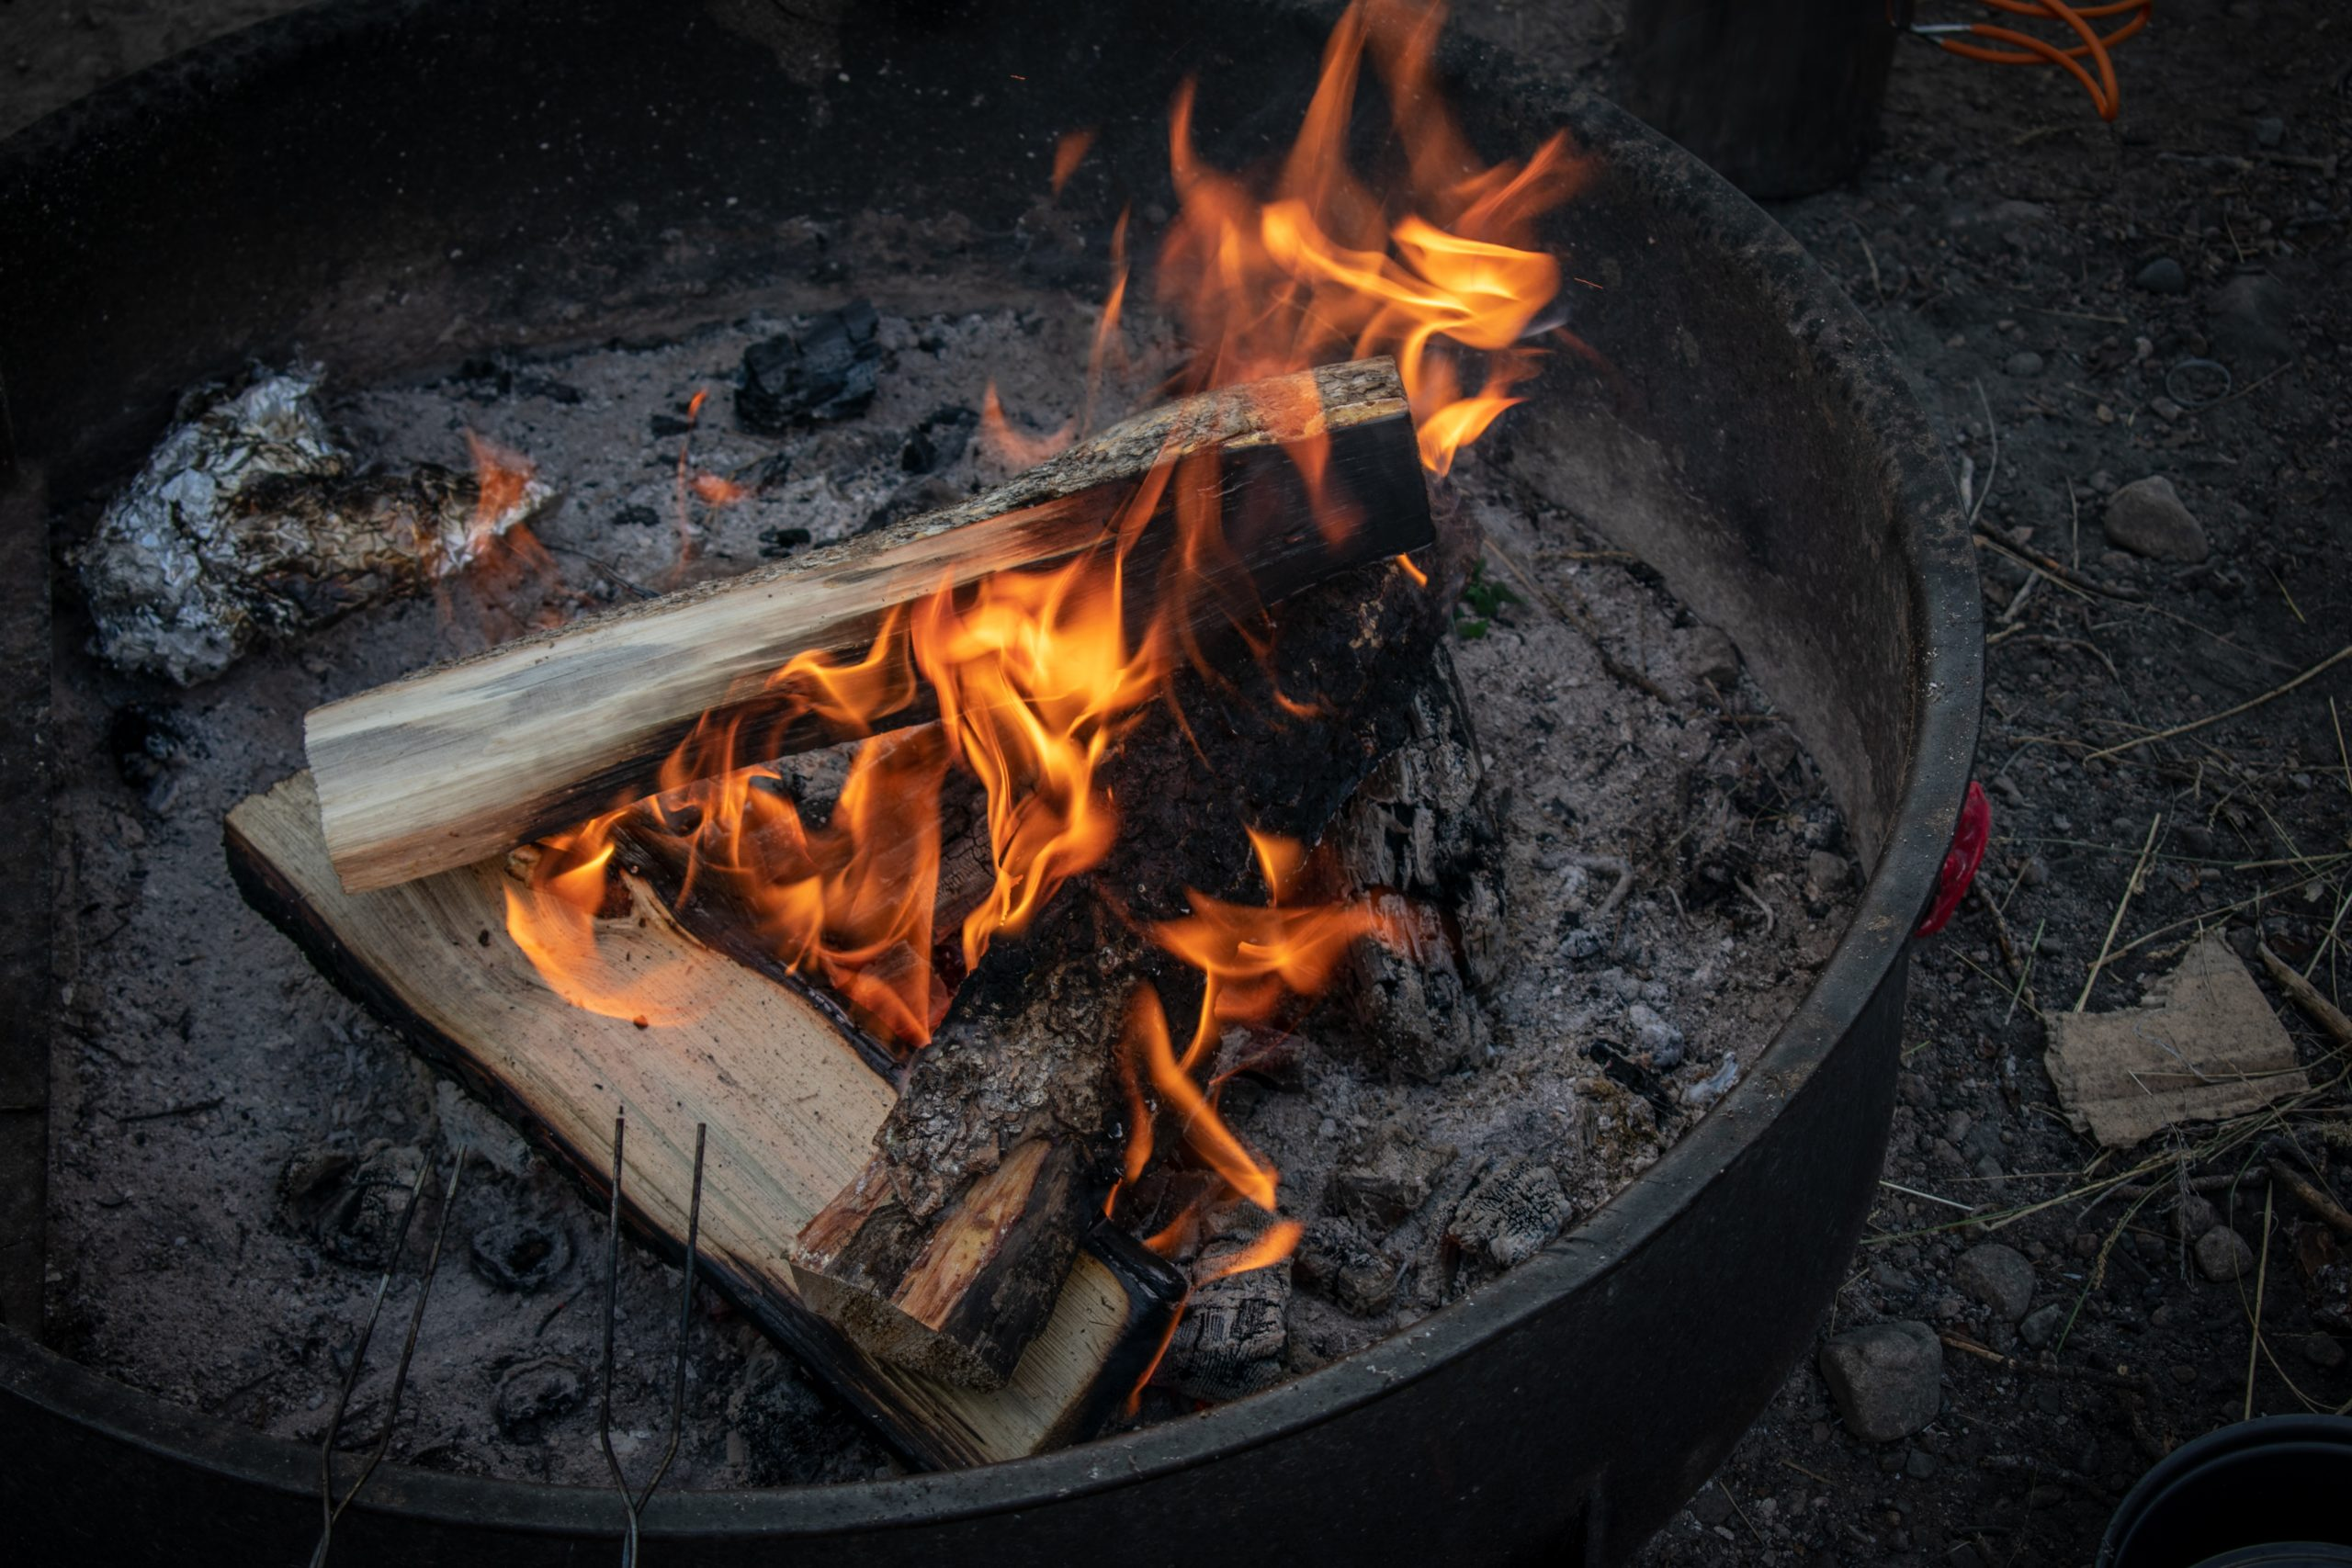 lit firewoods in firepit